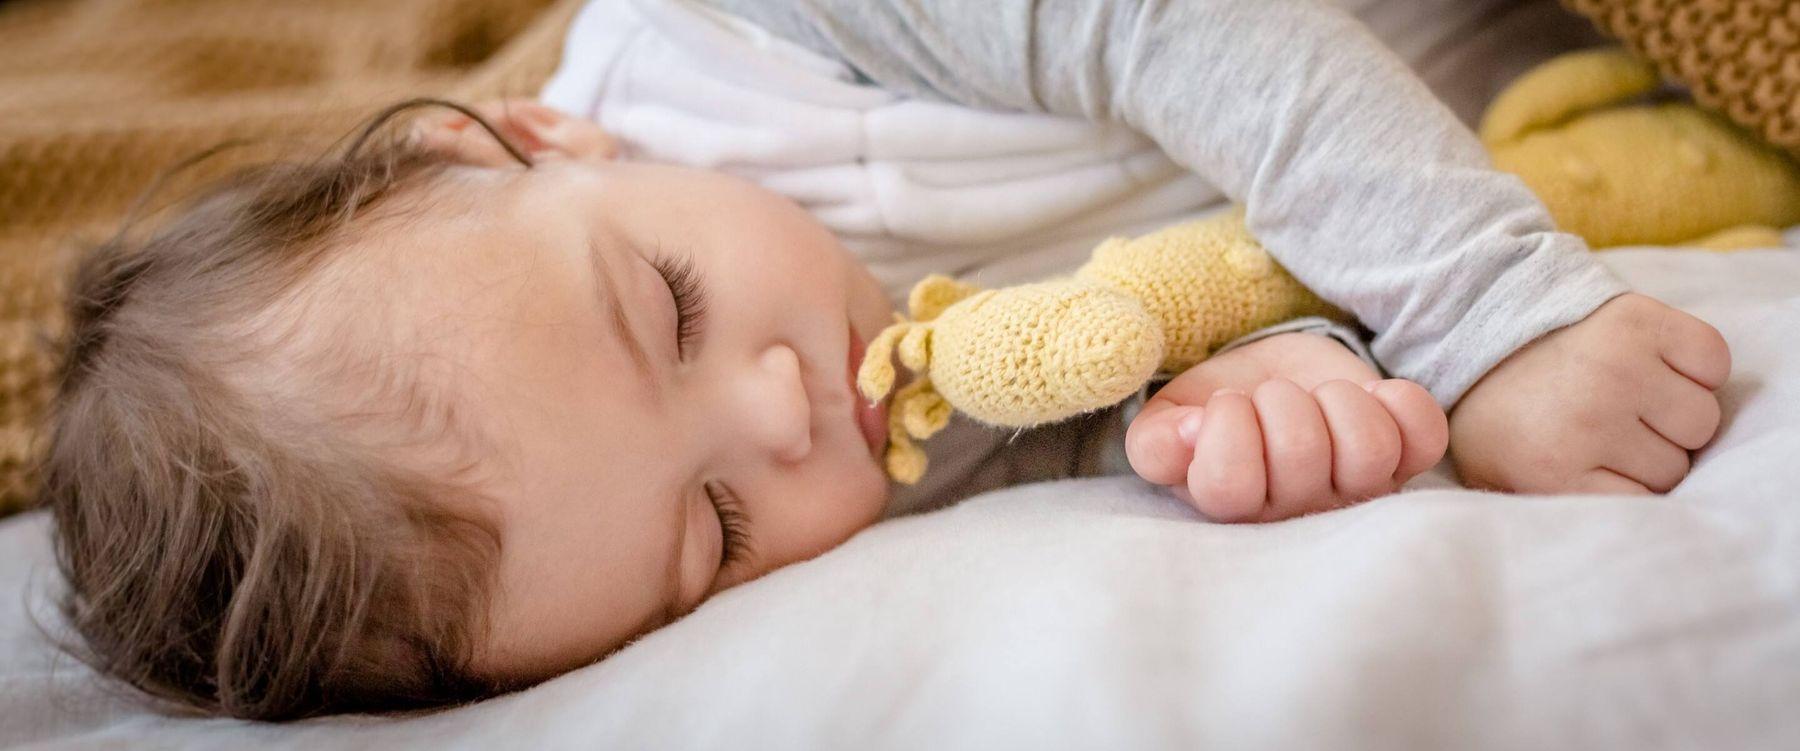 nhiệt độ trẻ sơ sinh là gì